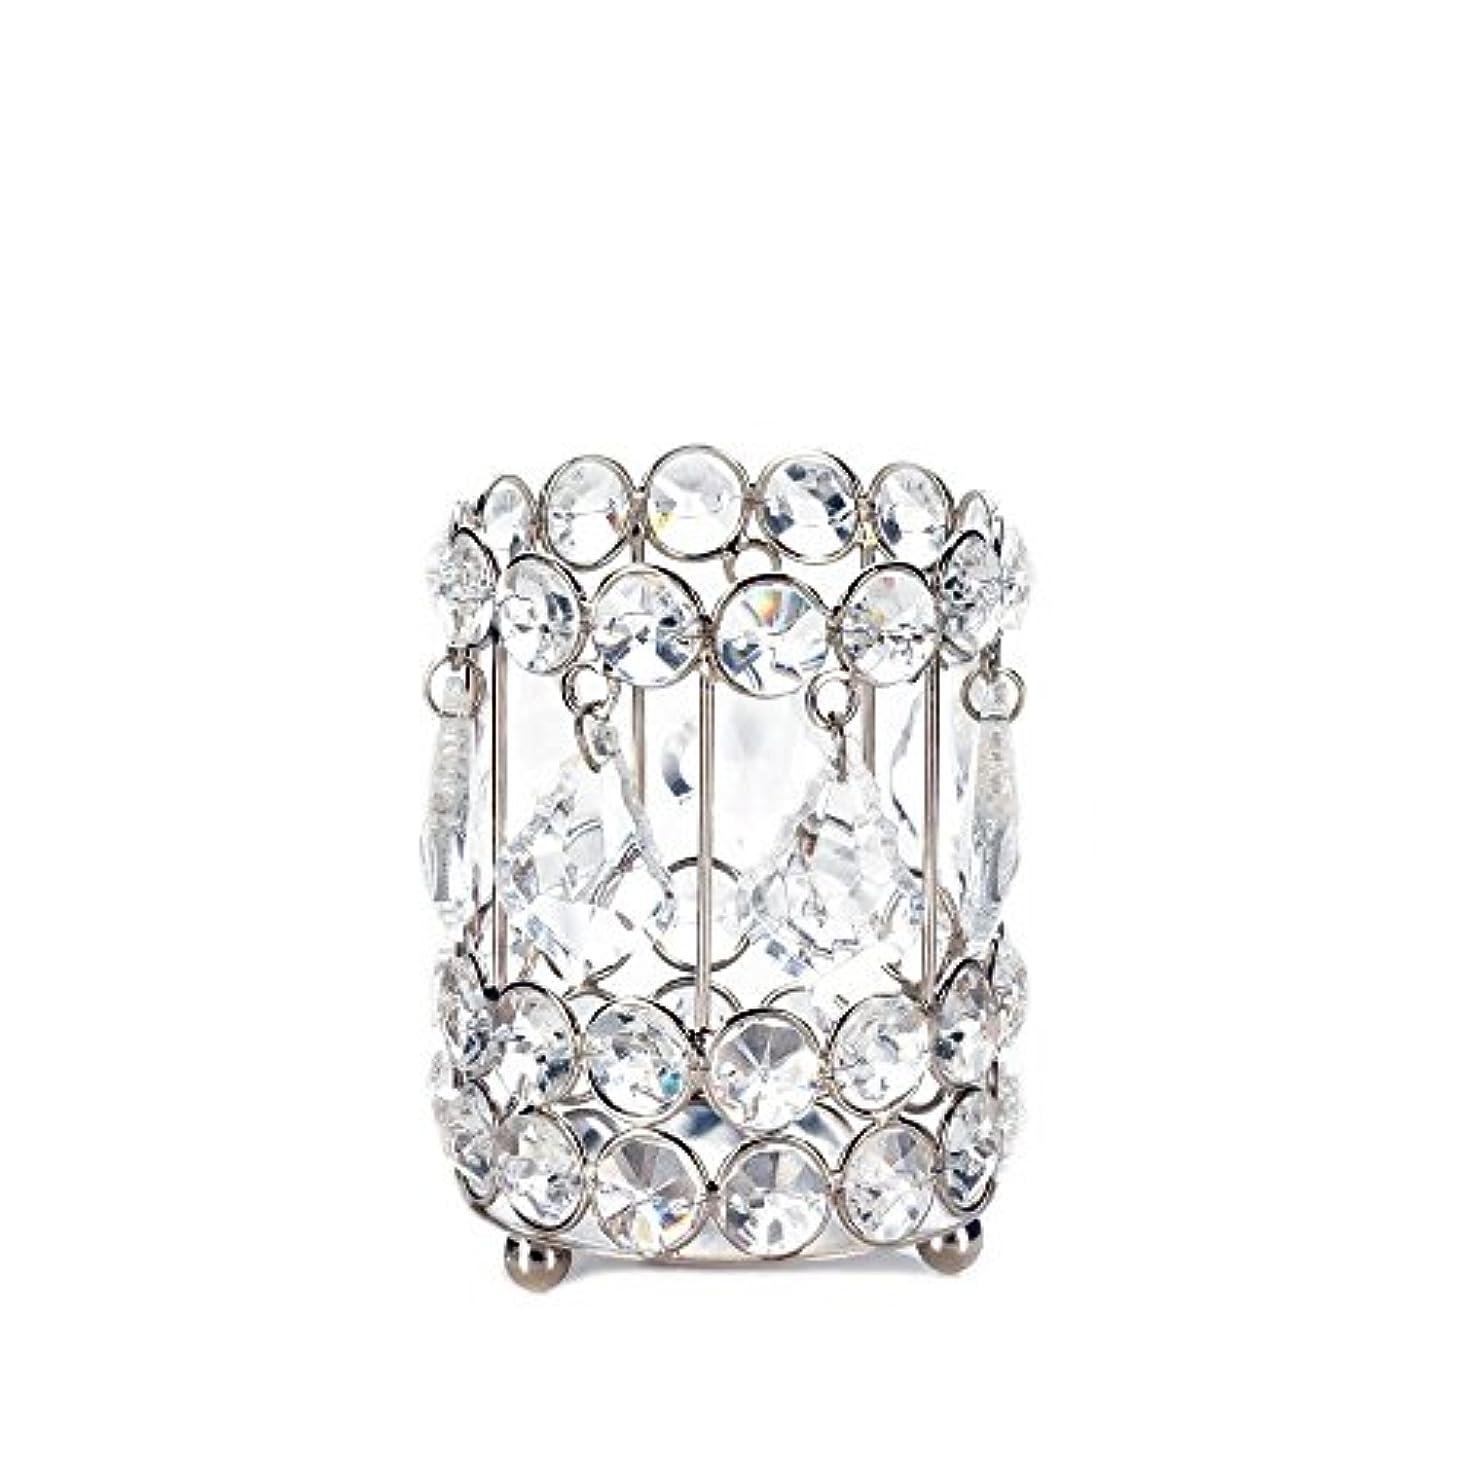 化学薬品ベックスリサイクルするGallery of Light 10018136 Super Bling Crystal Drops Candle Holder - 4 in.